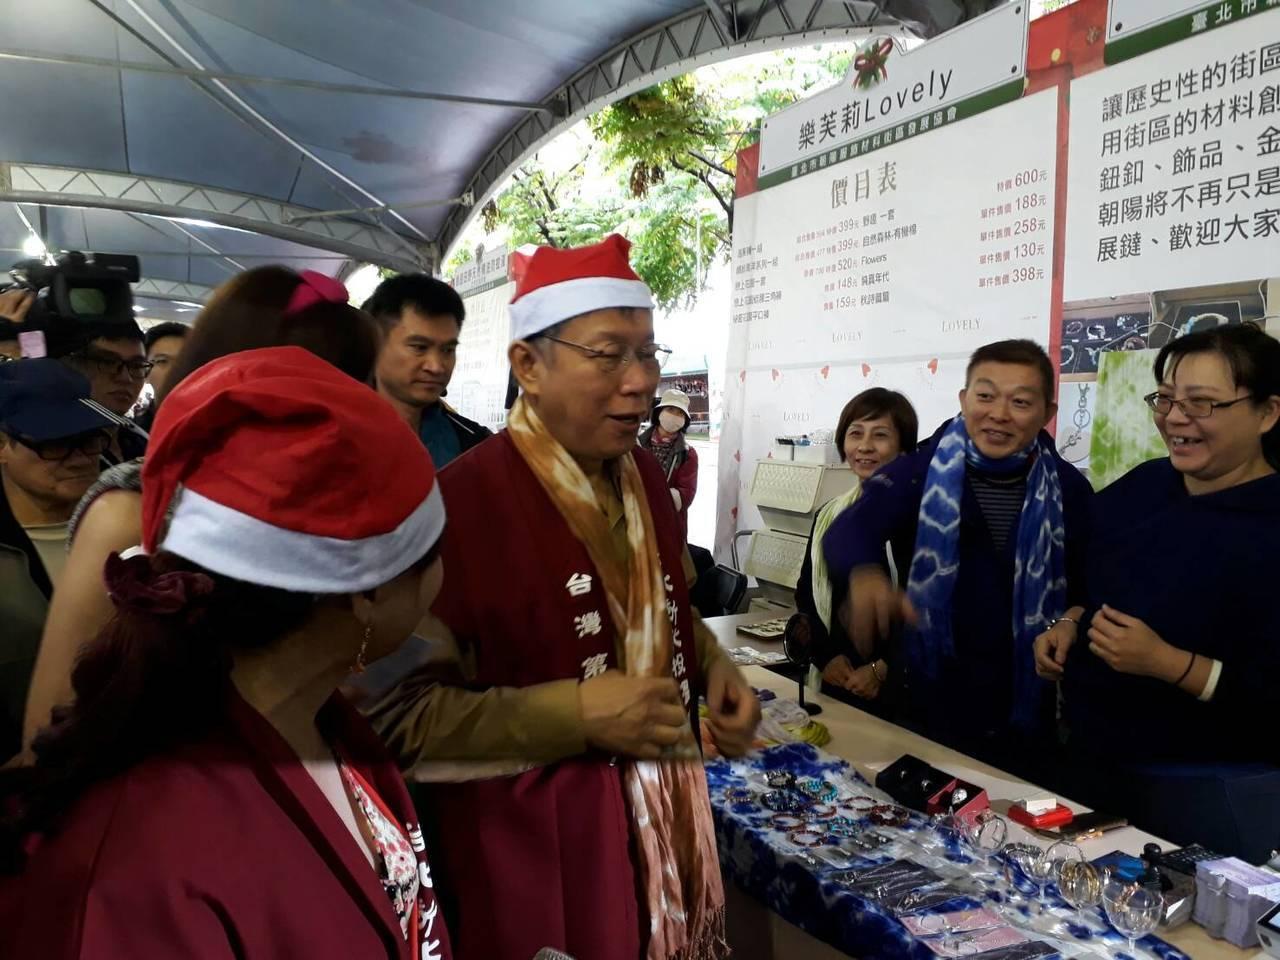 台北市長柯文哲上午出席台北生活祭活動。記者莊琇閔/攝影